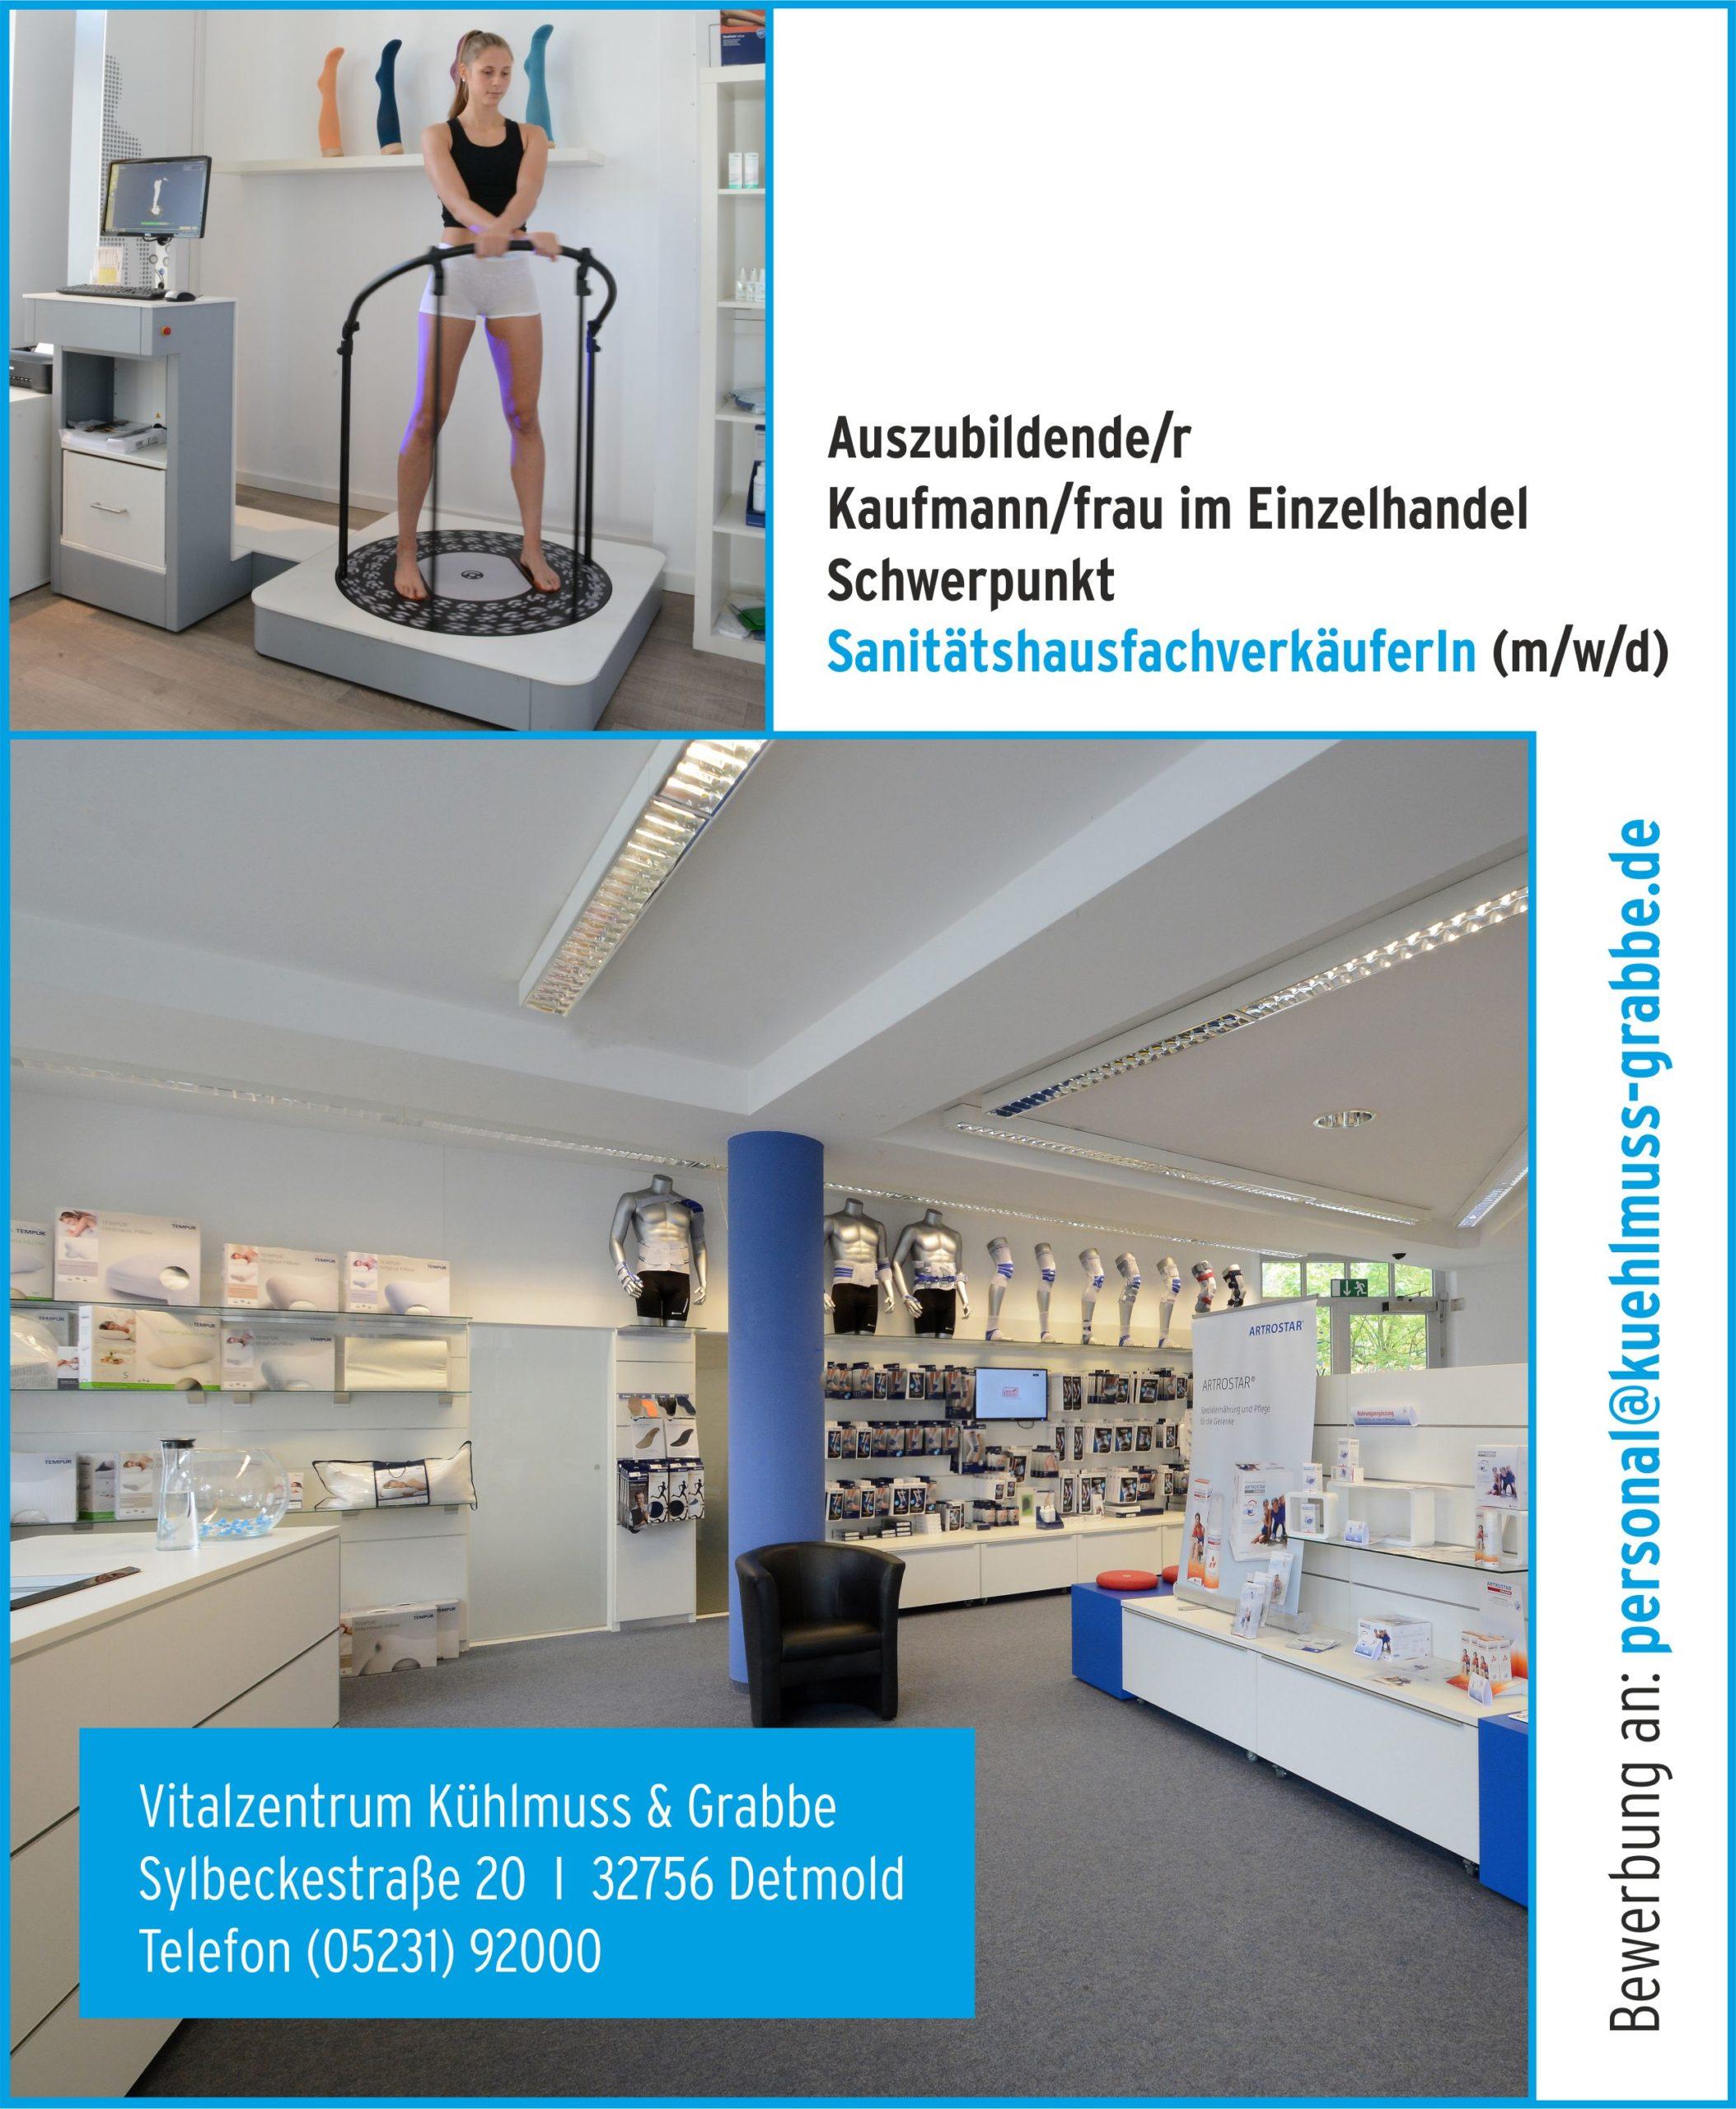 Auszubildende/r Kaufmann/frau im Einzelhandel – SanitätshausfachverkäuferIn (m/w/d)